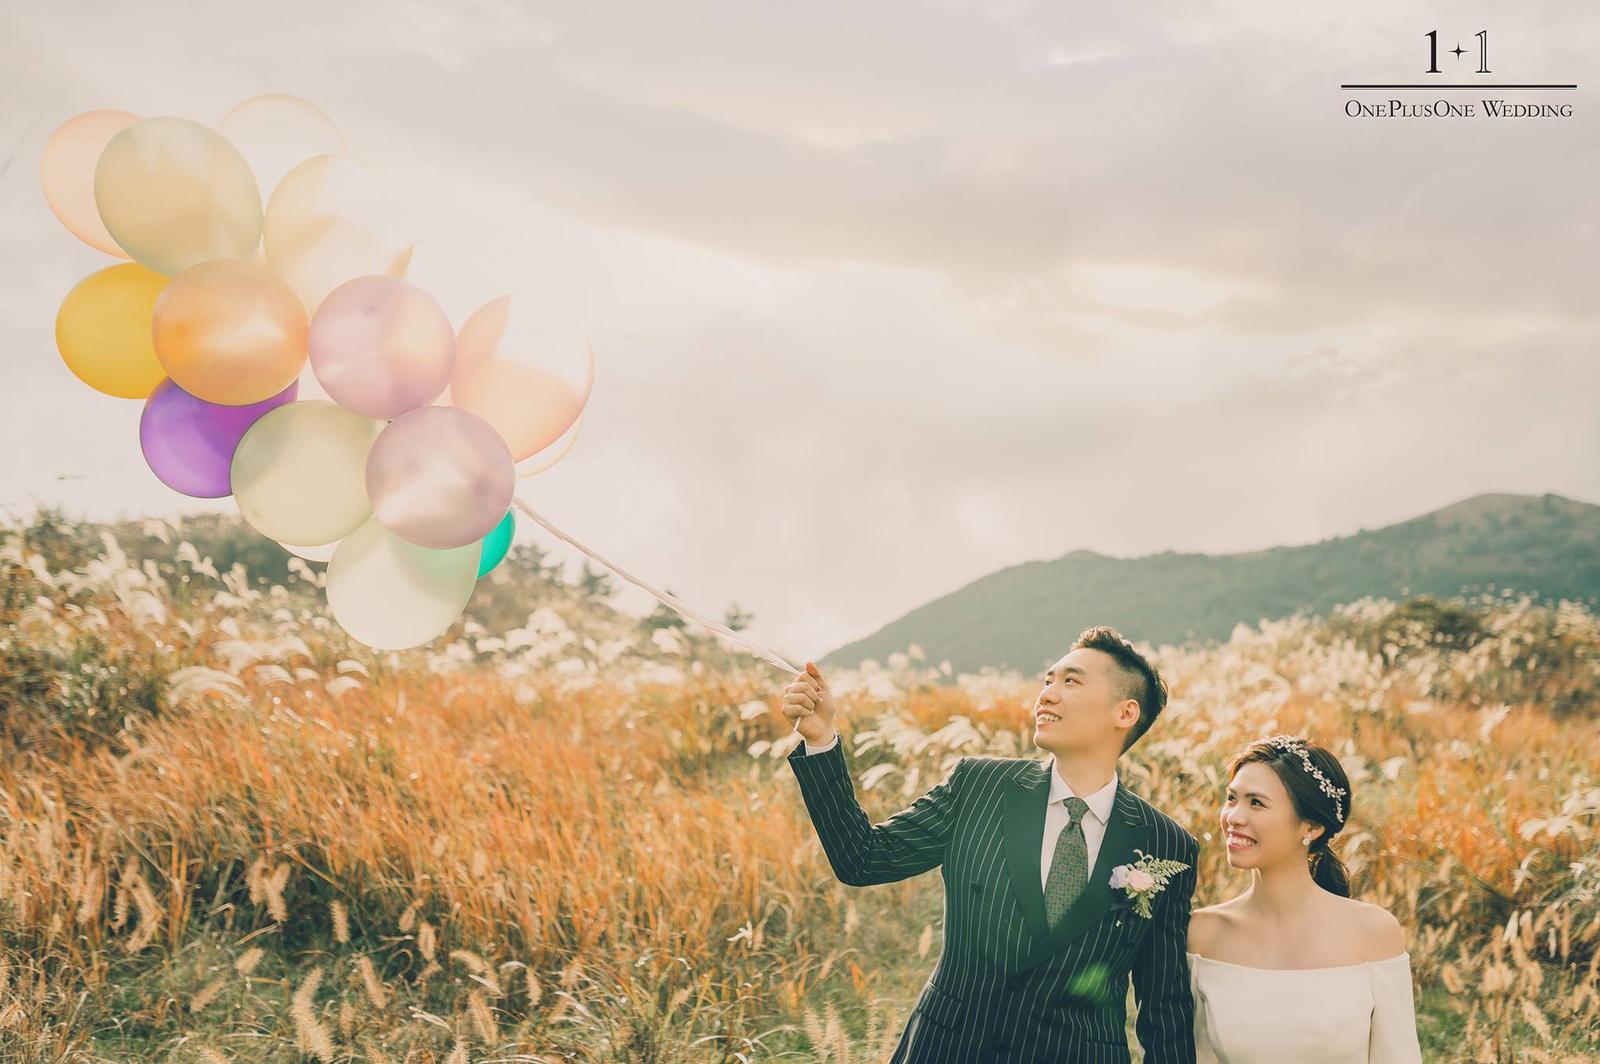 韓國濟州婚紗攝影-四月婚展優惠-23